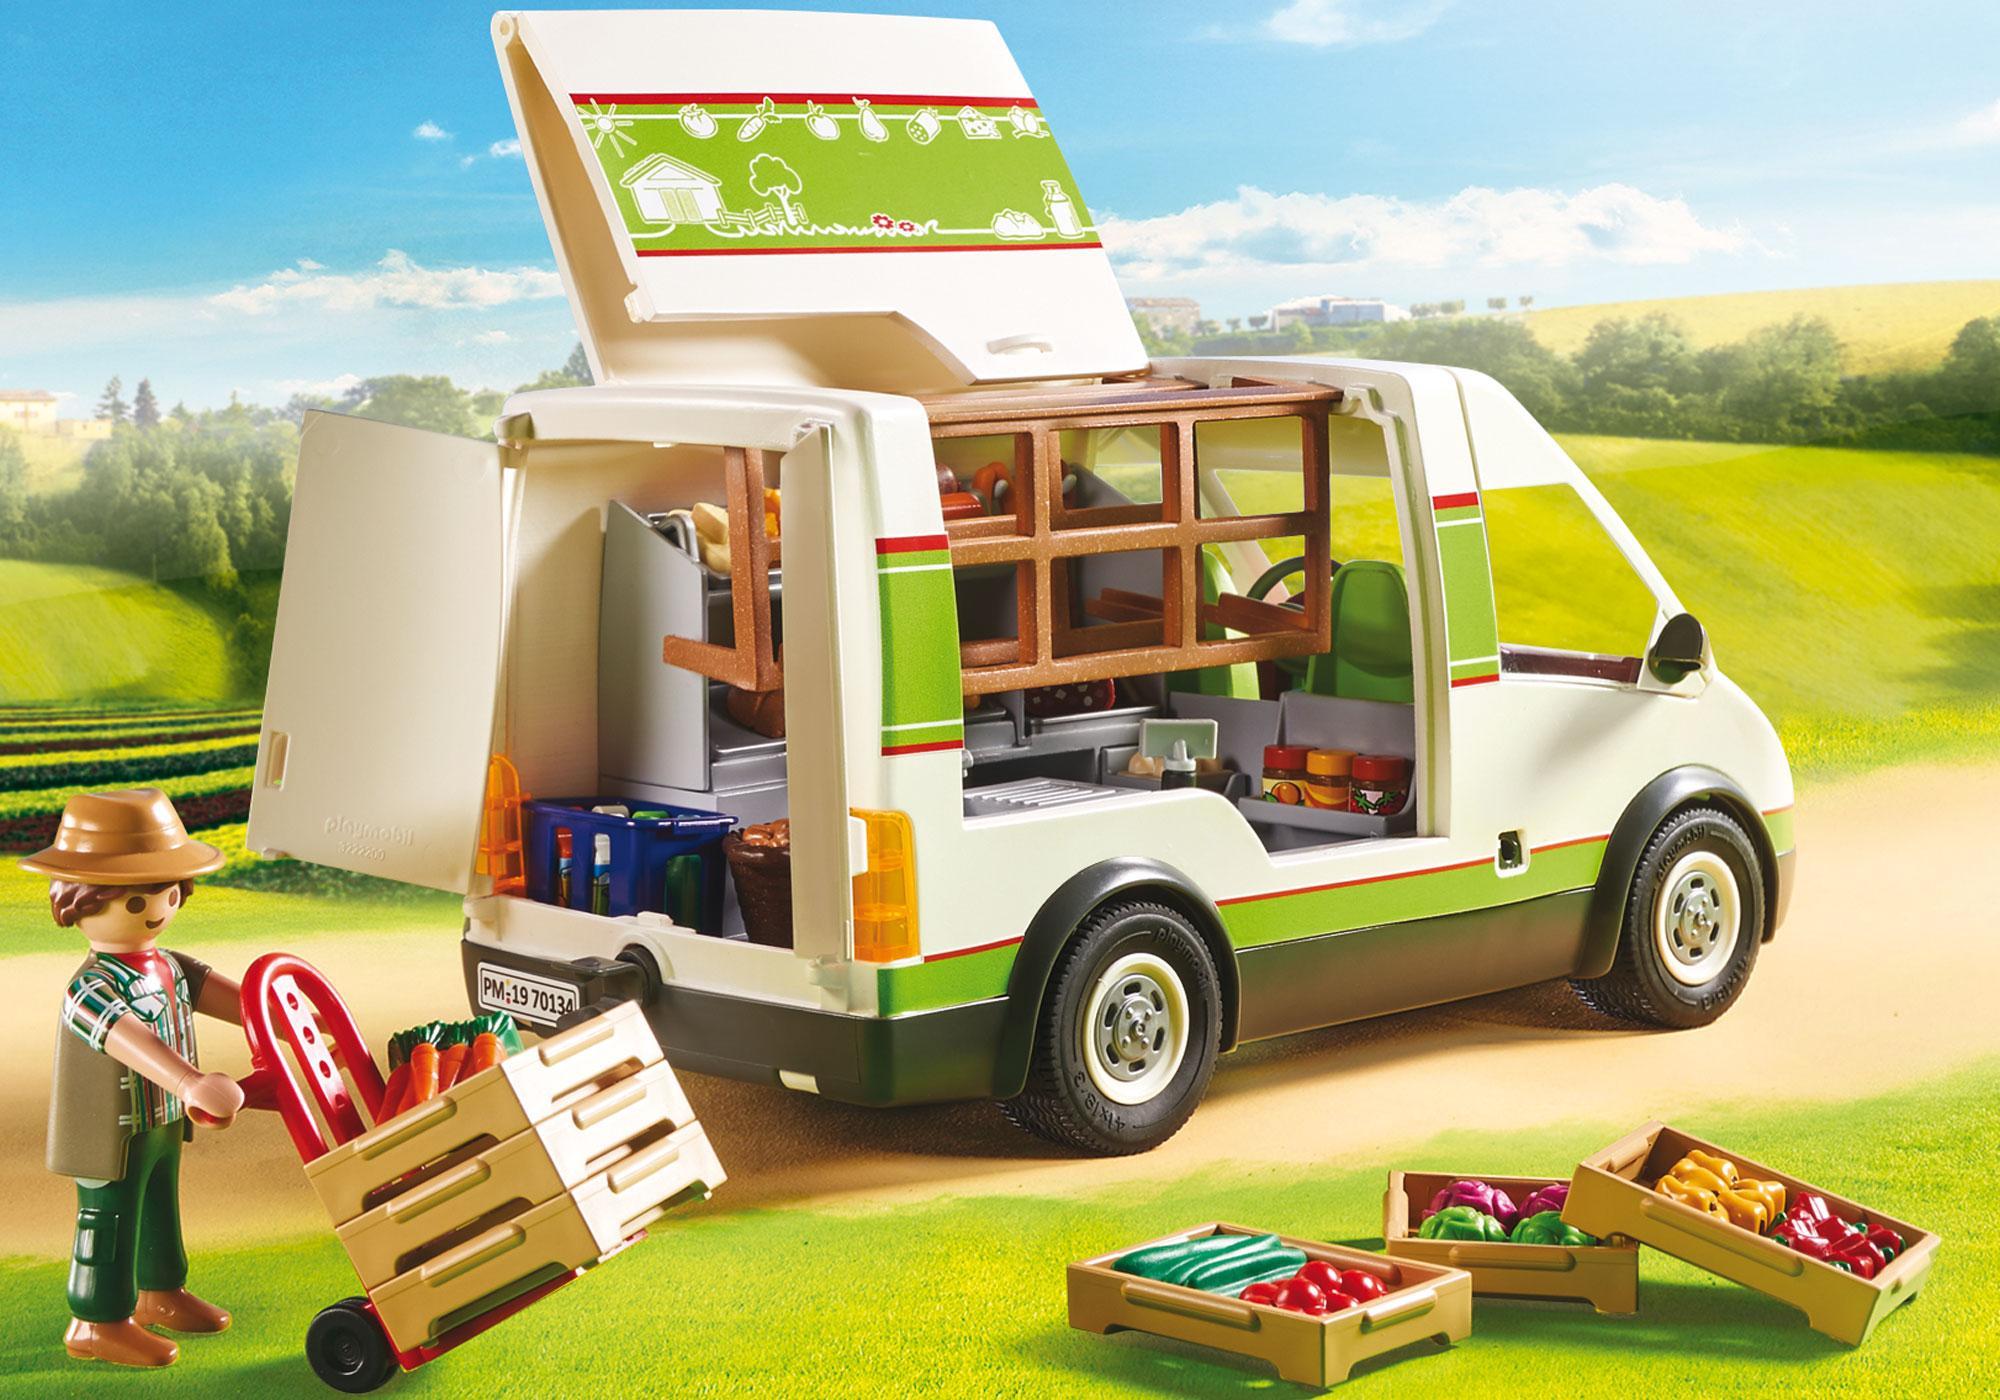 http://media.playmobil.com/i/playmobil/70134_product_extra1/Mobilt marknadsstånd